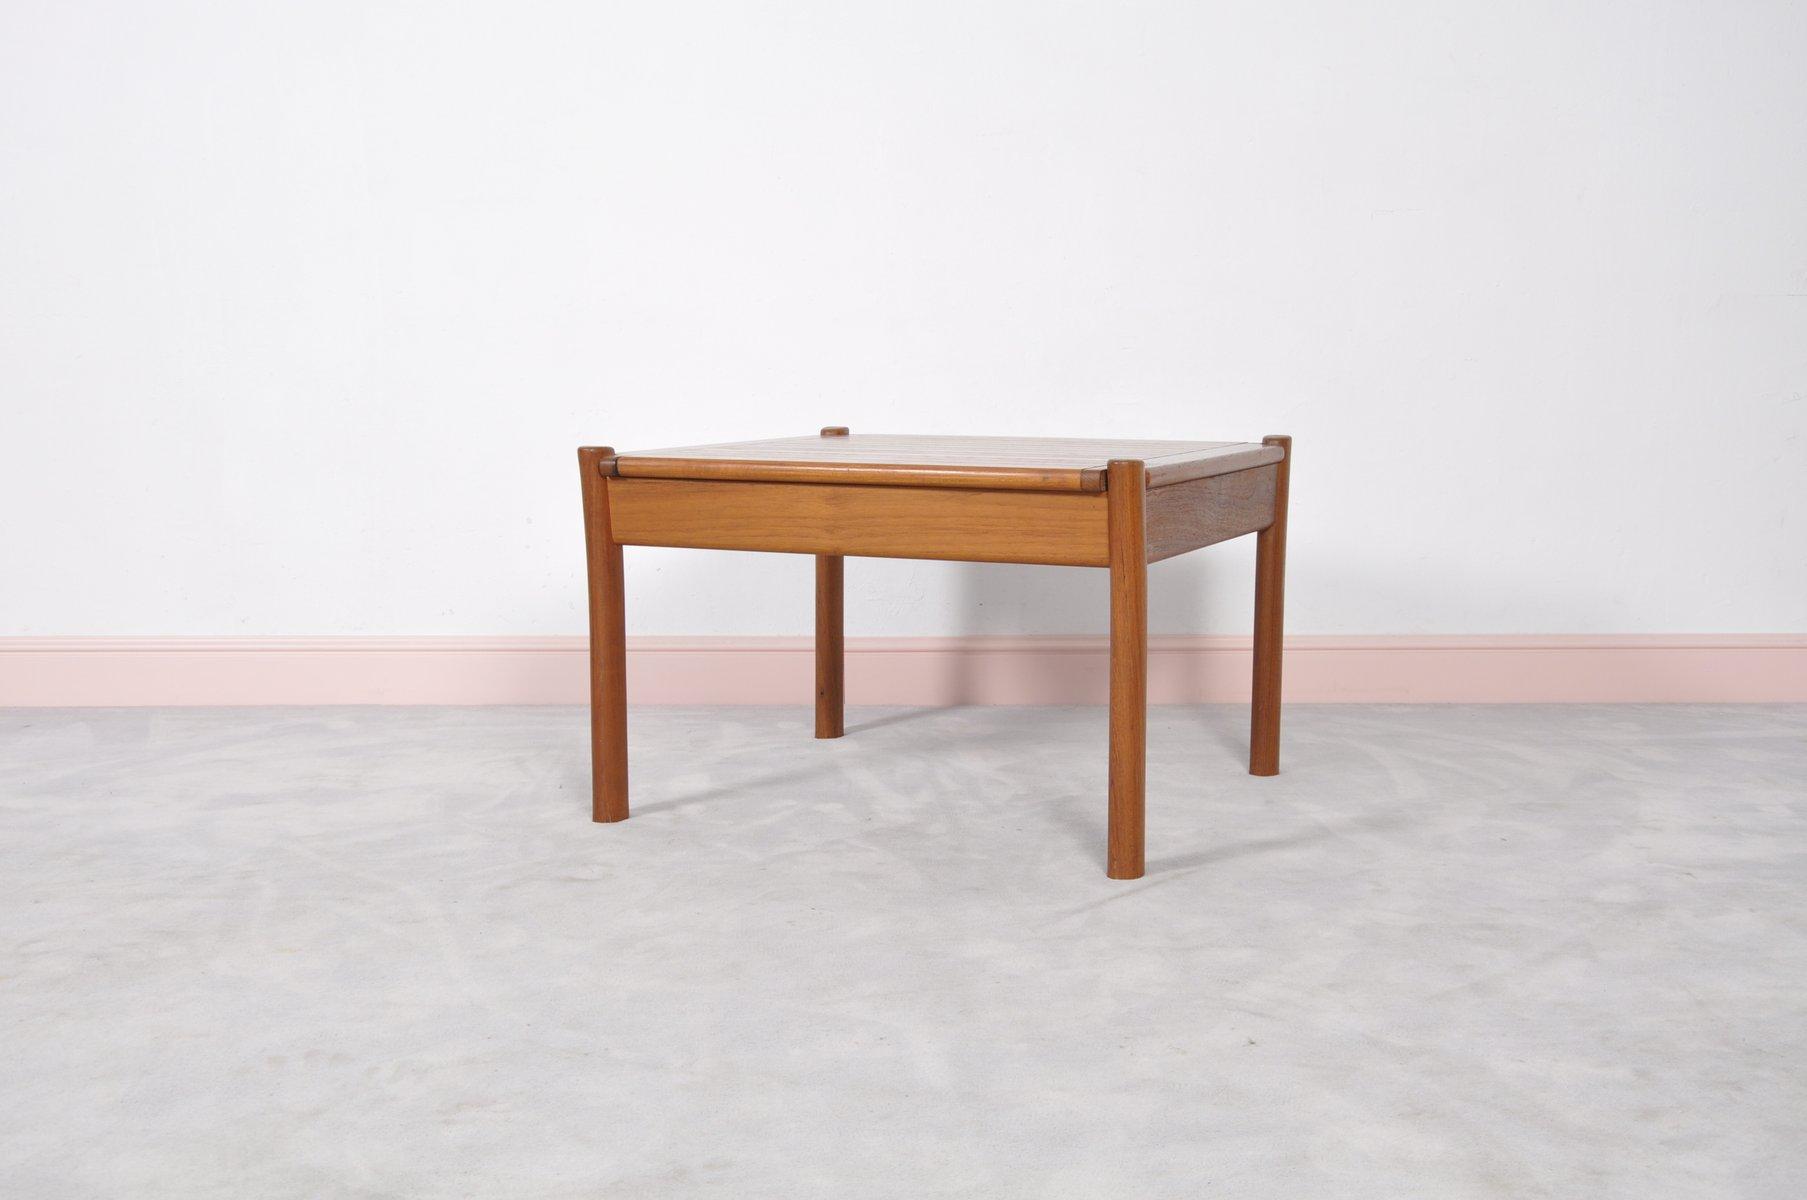 d nischer vintage teak couchtisch mit abgerundeten ecken bei pamono kaufen. Black Bedroom Furniture Sets. Home Design Ideas